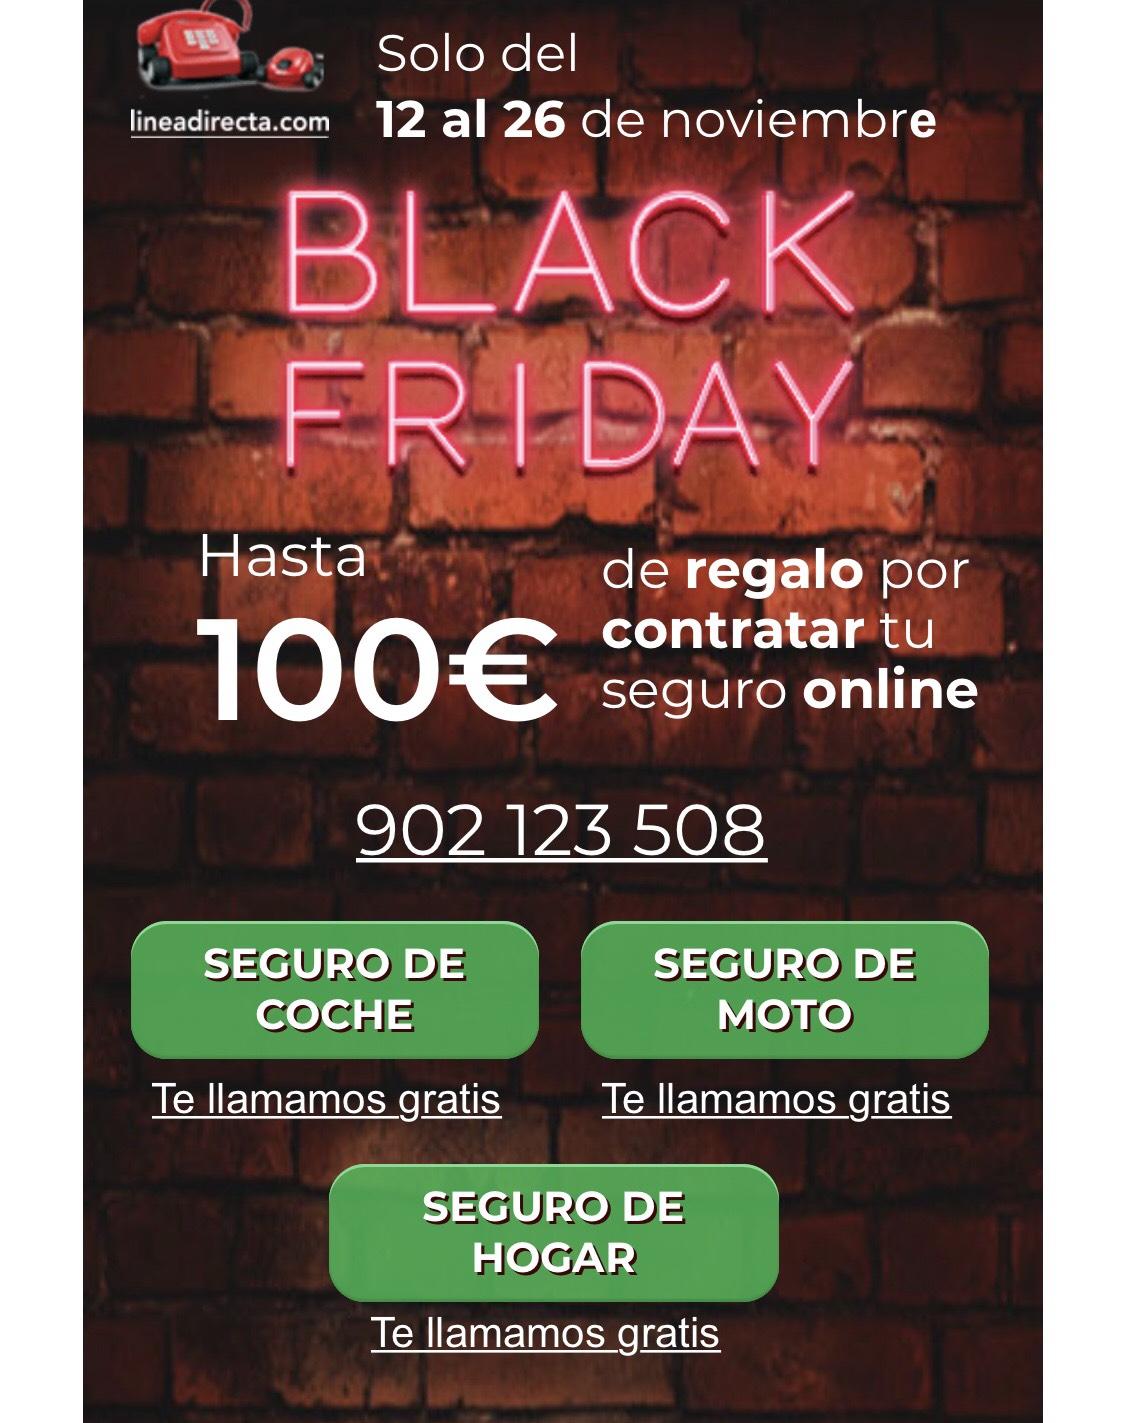 Hasta 100€ de descuento al contratar tu seguro (Black Friday)